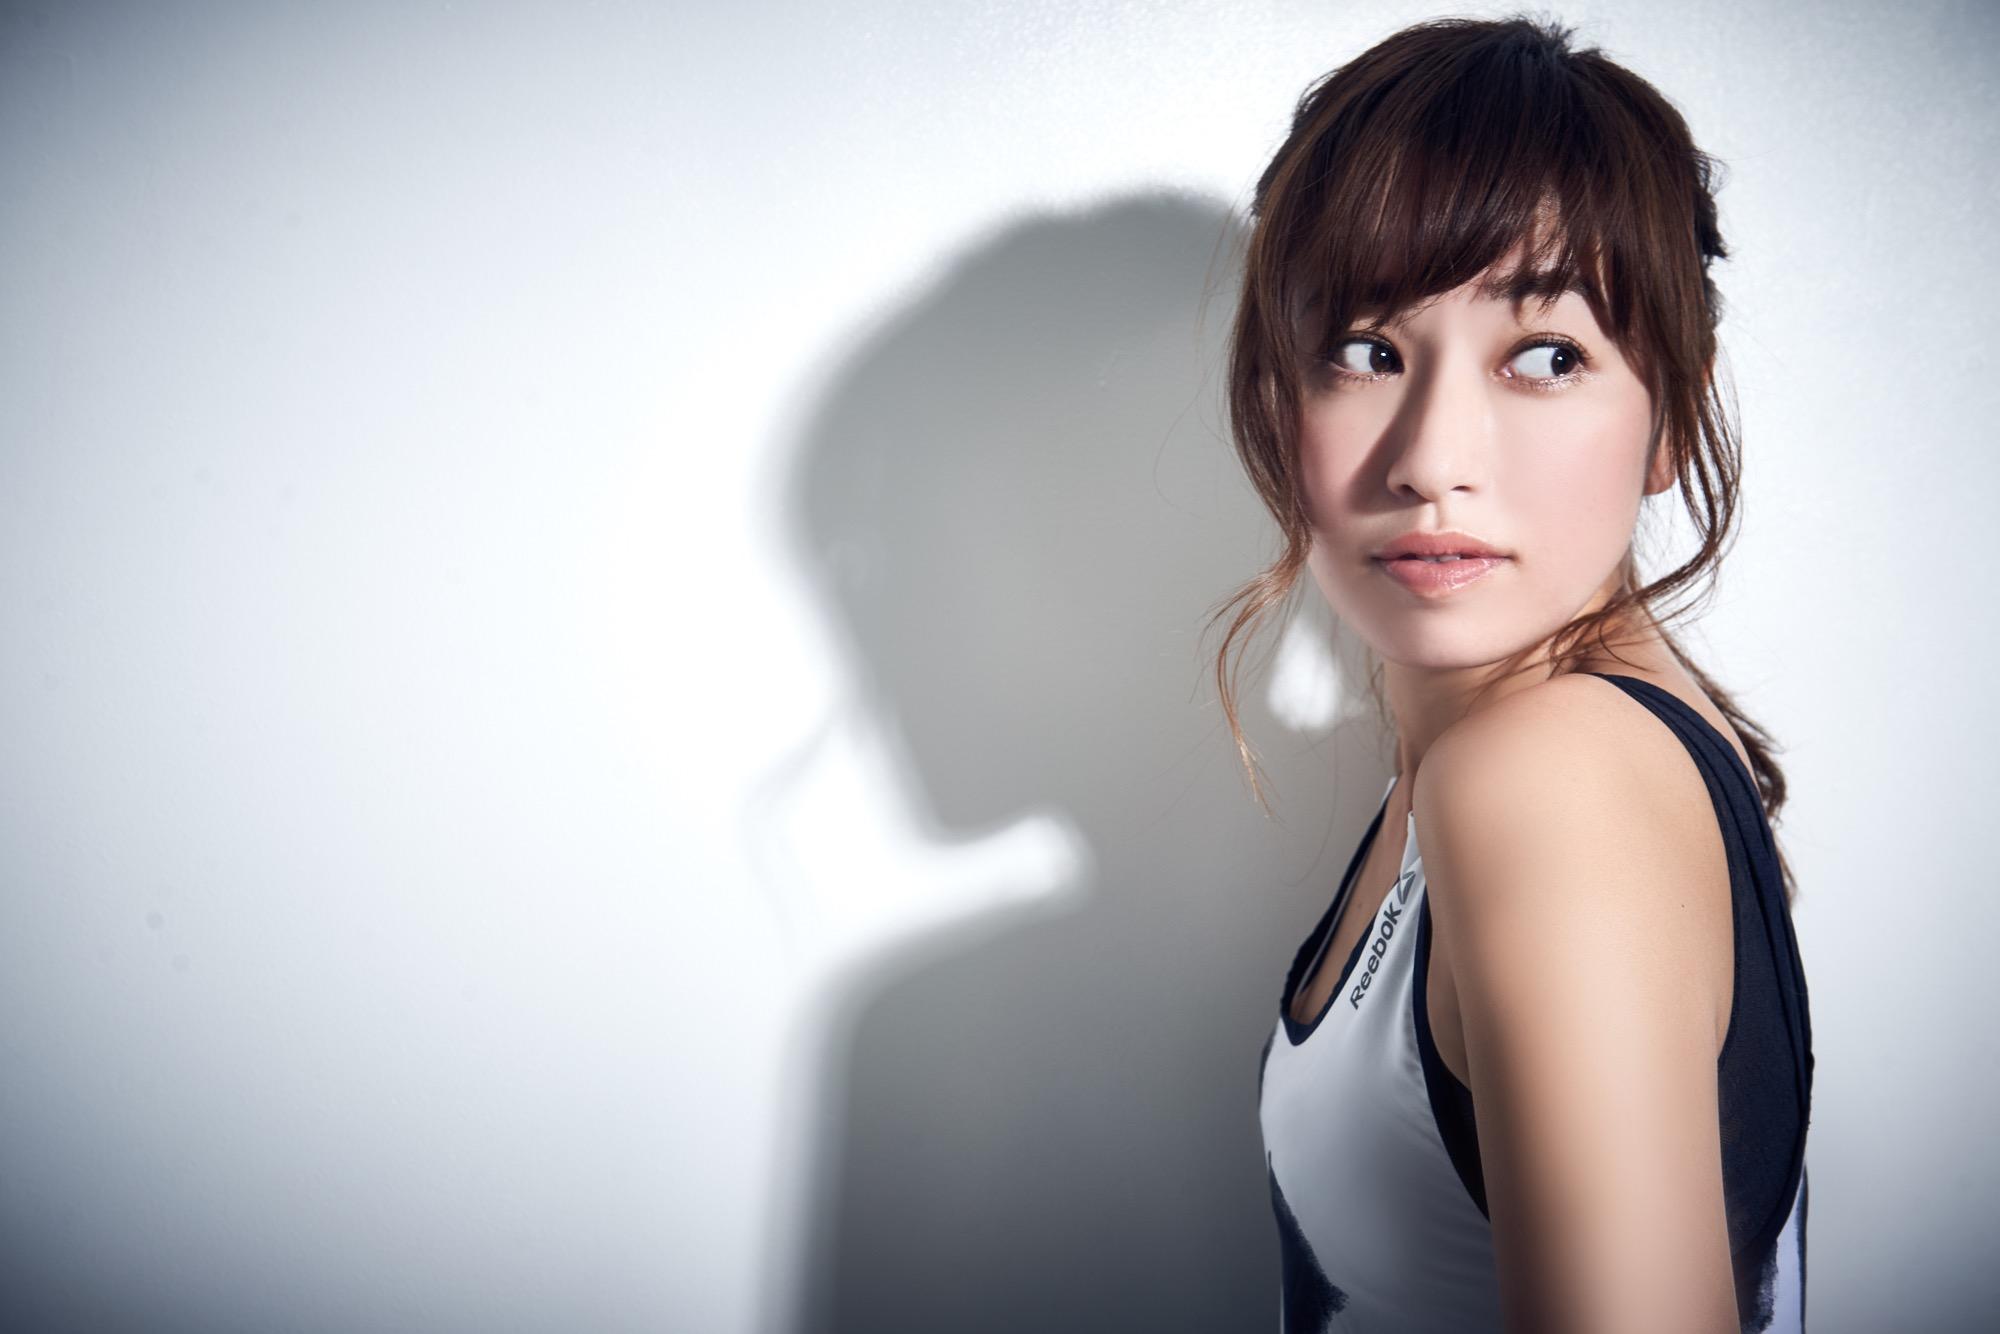 モデル/姿勢・ウォーキングアドバイザー【仁香】